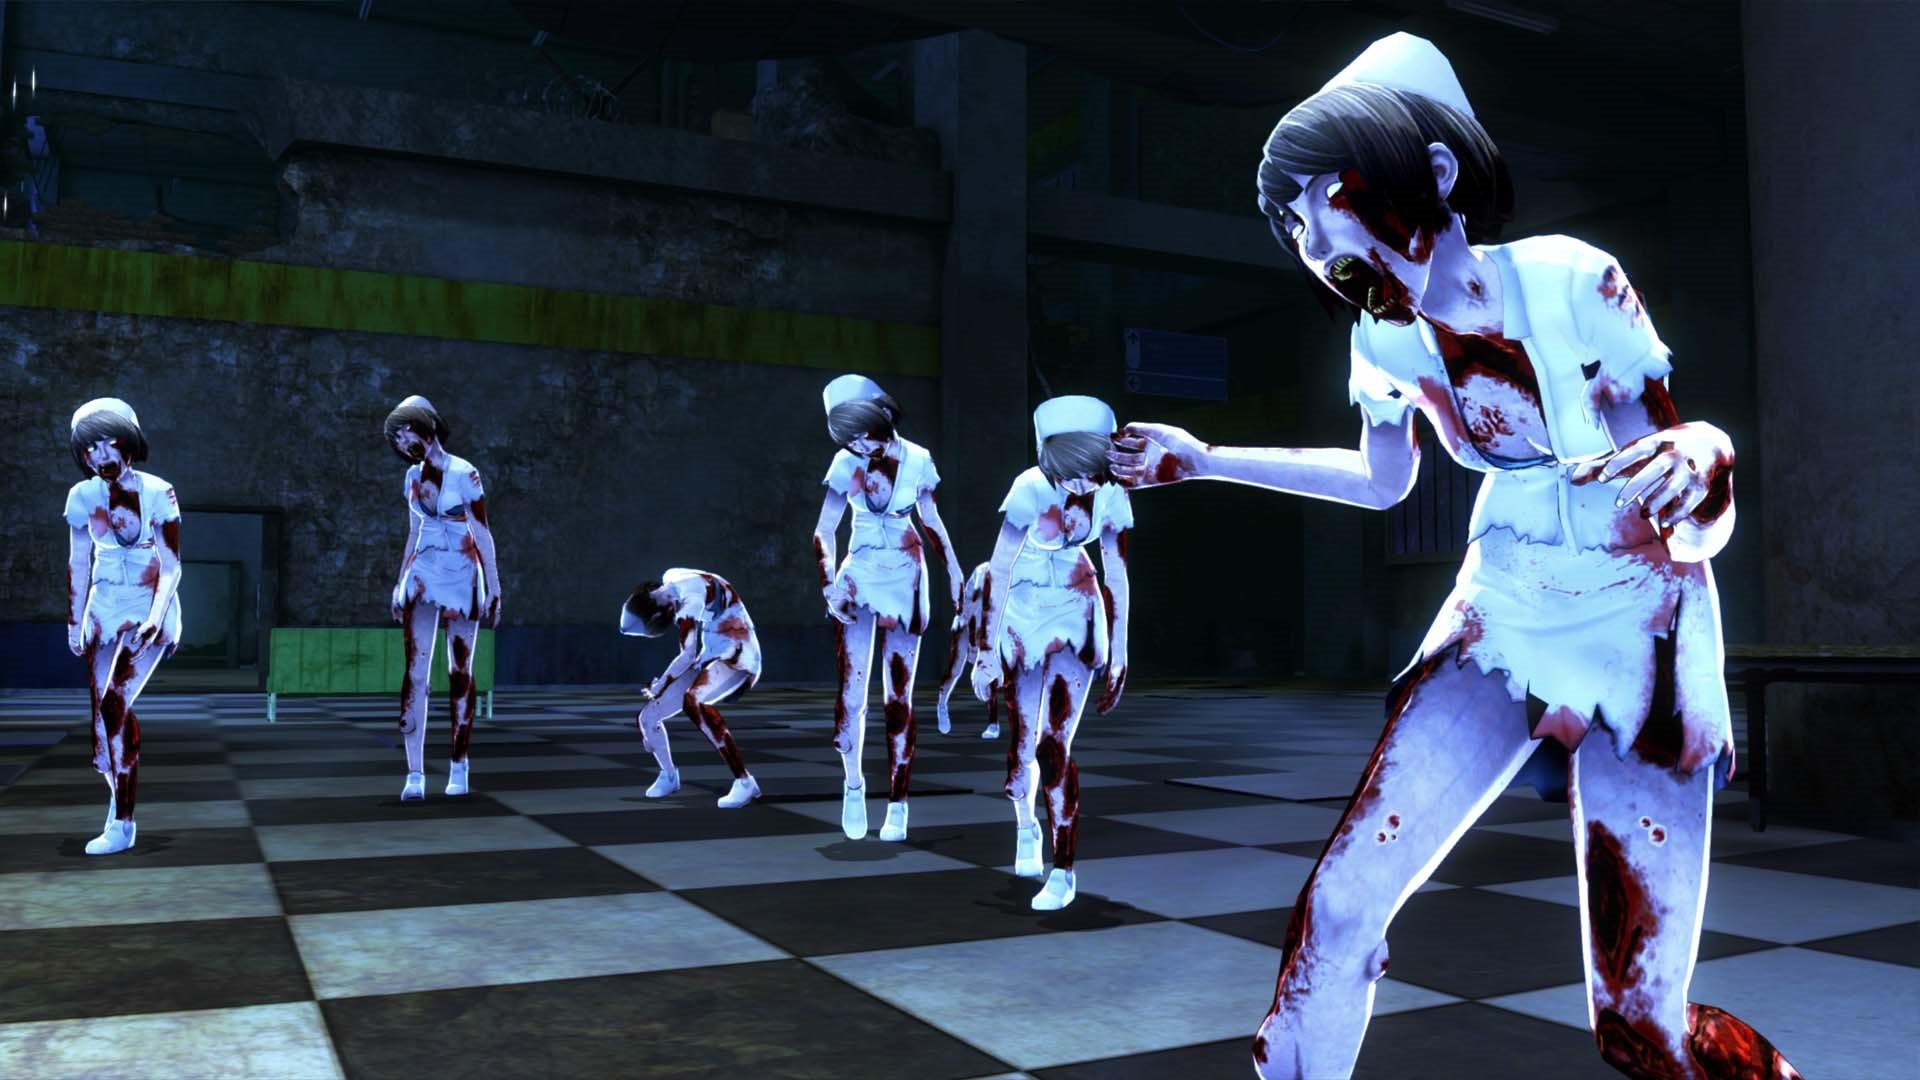 《御姐玫瑰:起源》新截图 比基尼美女大战护士僵尸